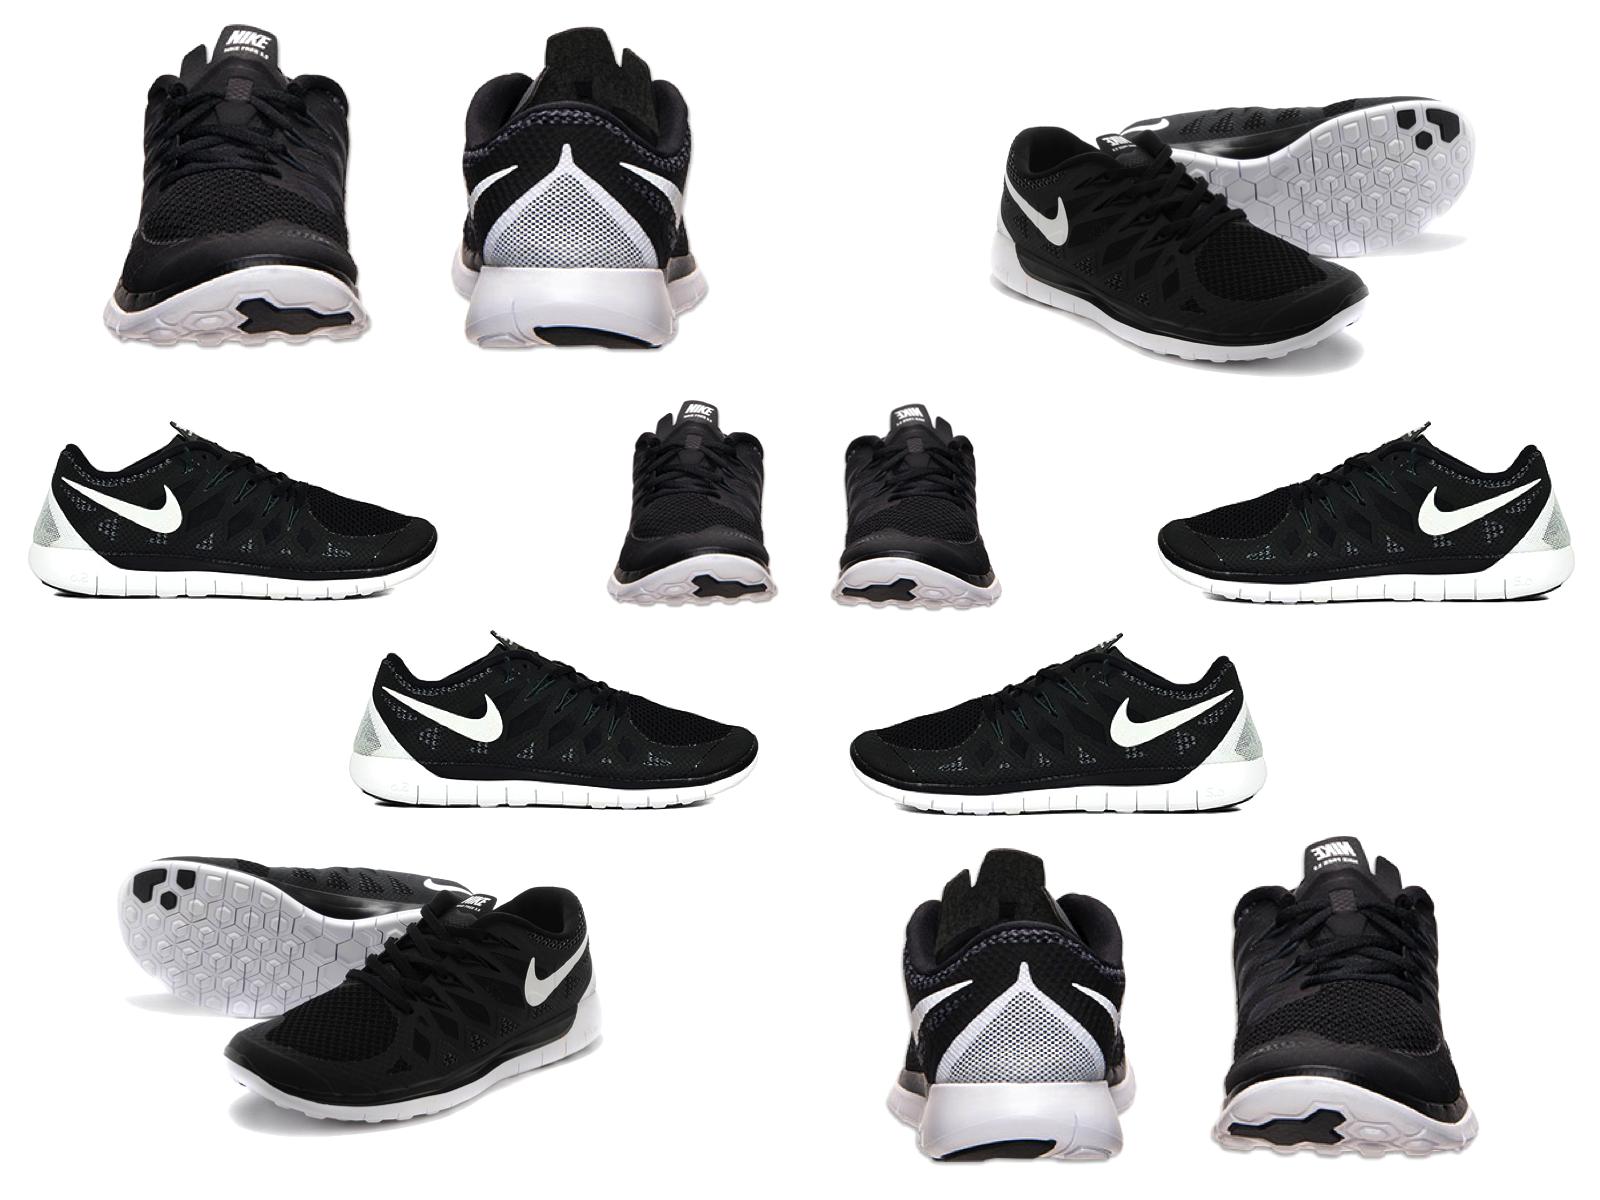 jeu grande vente Nike Free 5.0 2014 Pantalon Noir Anthracite sortie 100% original pas cher explorer vente recommander vente 100% garanti GMb6z